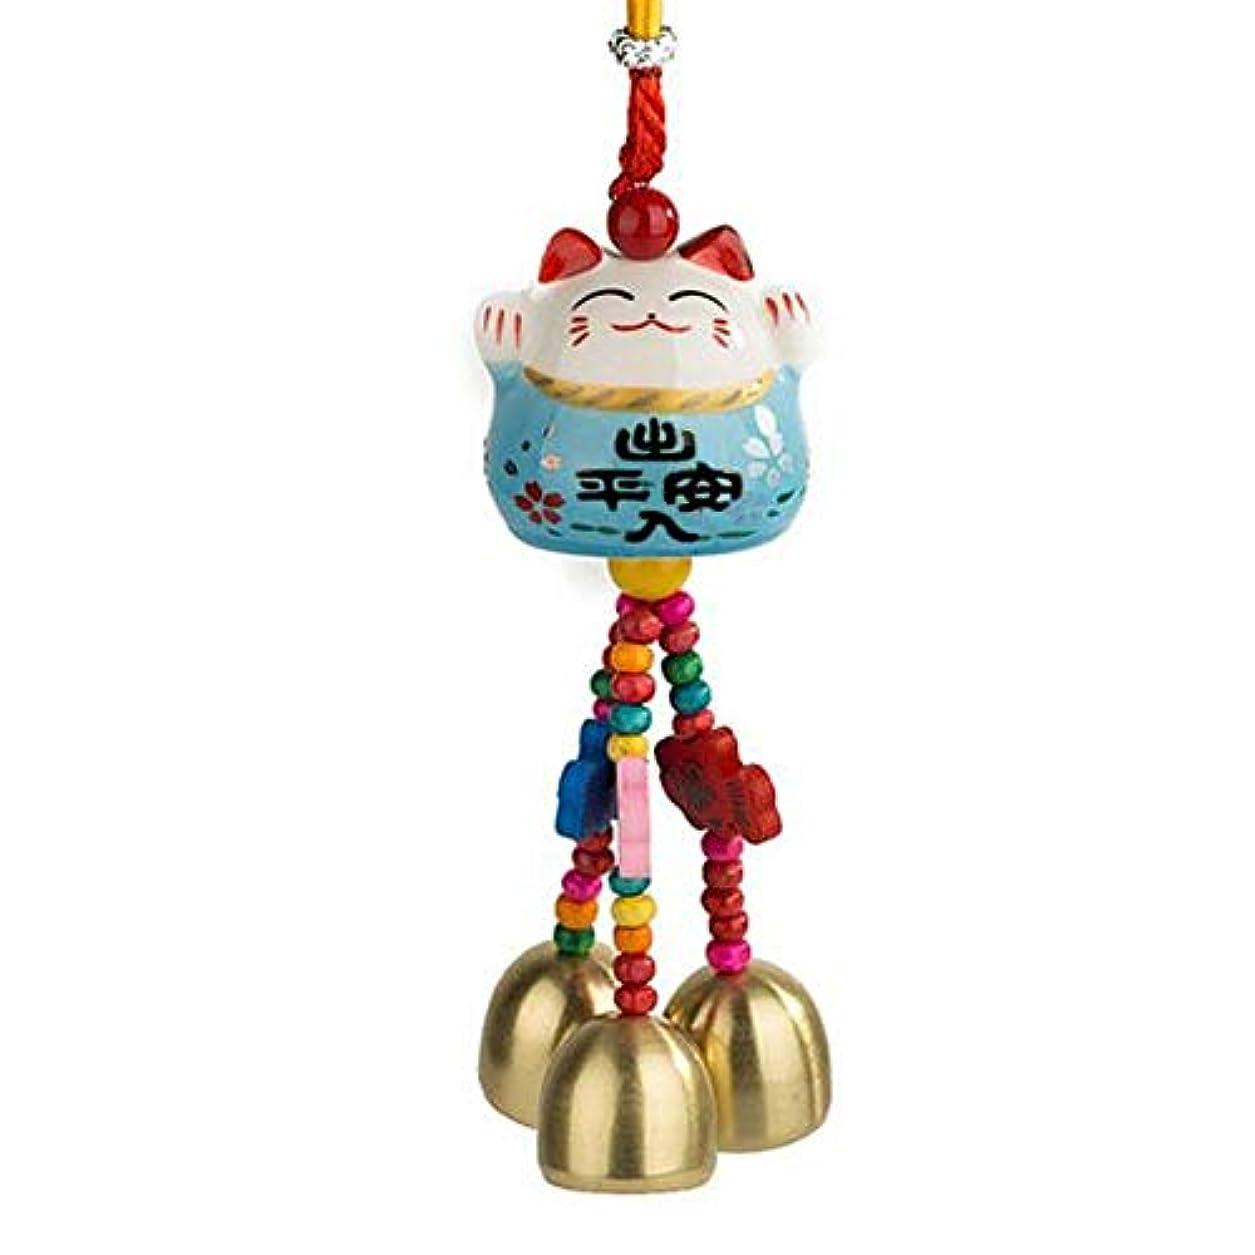 テクニカルところでアリーナChengjinxiang 風チャイム、かわいいクリエイティブセラミック猫風の鐘、ブルー、ロング28センチメートル,クリエイティブギフト (Color : Blue)